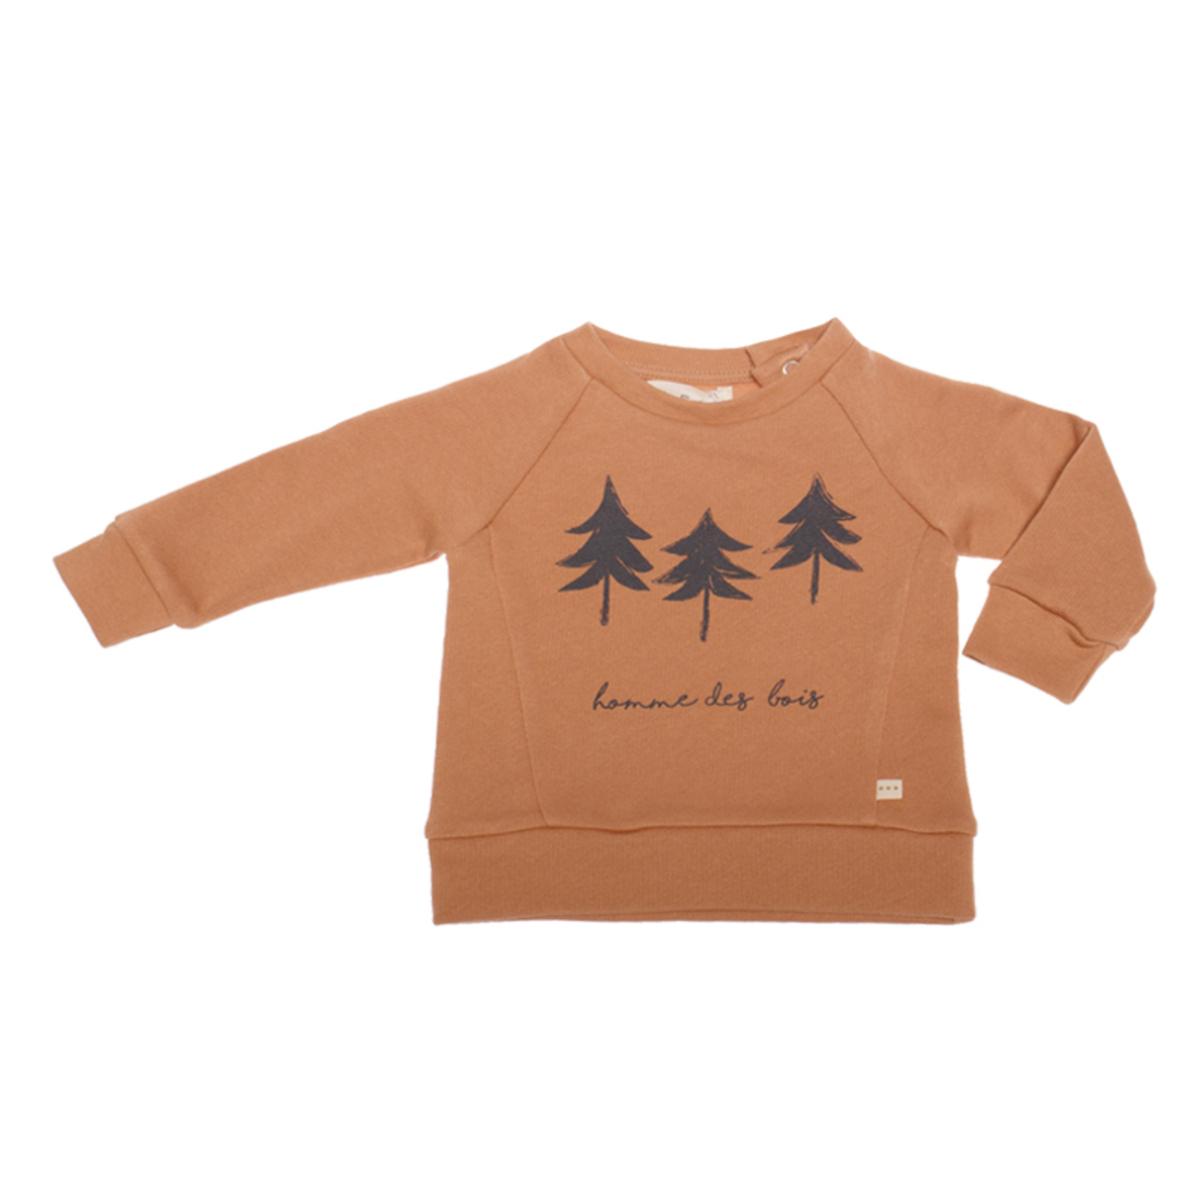 Haut bébé Sweatshirt Tristan Homme des Bois Cannelle - 2/3 Ans Sweatshirt Tristan Homme des Bois Cannelle - 2/3 Ans